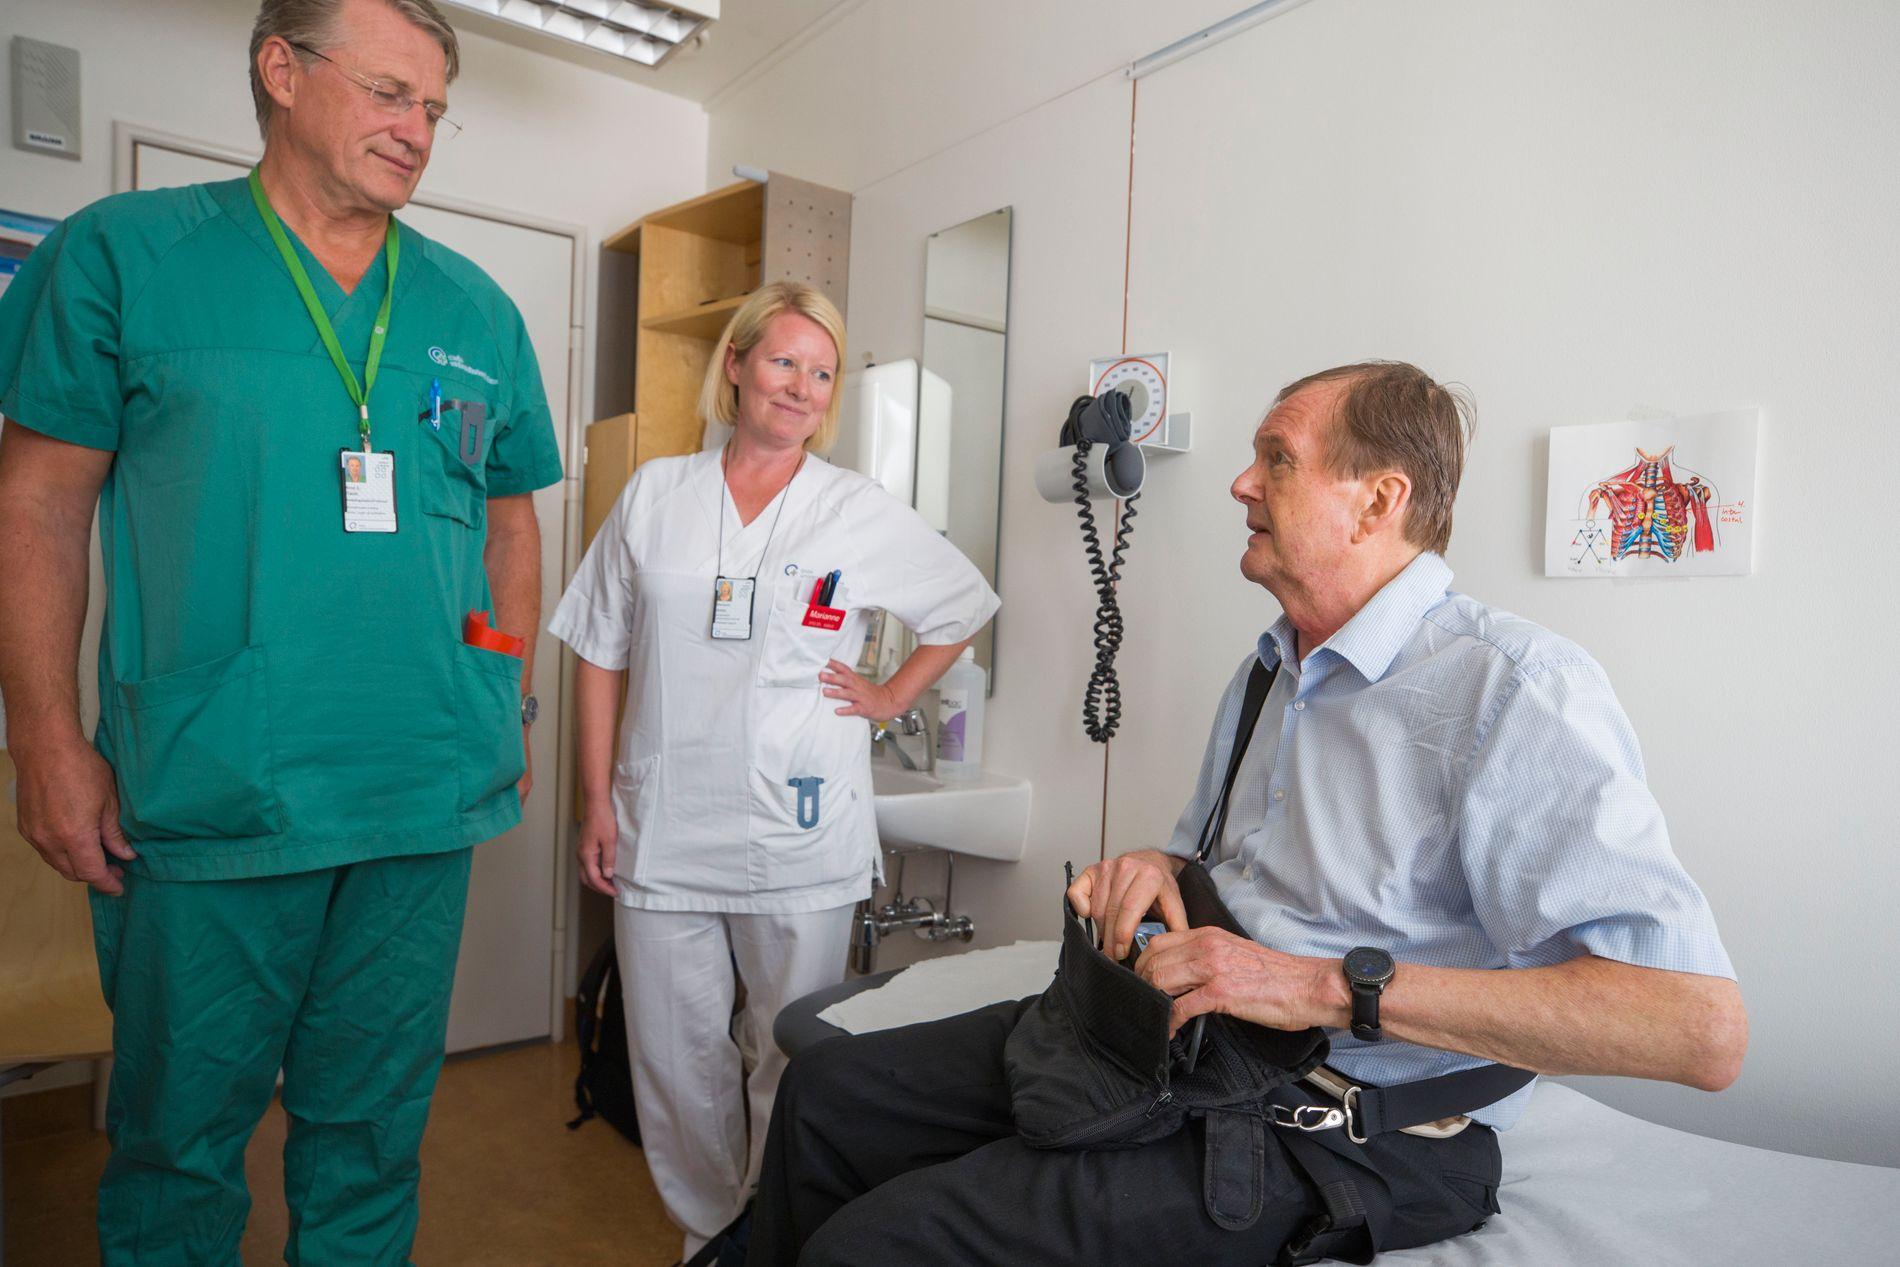 NY GIV: Det er begrenset hvem som kan få hjertepumpe i dag, og for rundt halvparten av hjertesviktpasientene er det på nåværende tidspunkt ikke et alternativ. Tor Hoftstad (72) hadde systolisk hjertesvikt, og fikk i 2016 operert inn en mekanisk pumpe. Her med kirurg Arnt E. Fiane og sykepleier Marianne Holter på Rikshospitalet i Oslo.